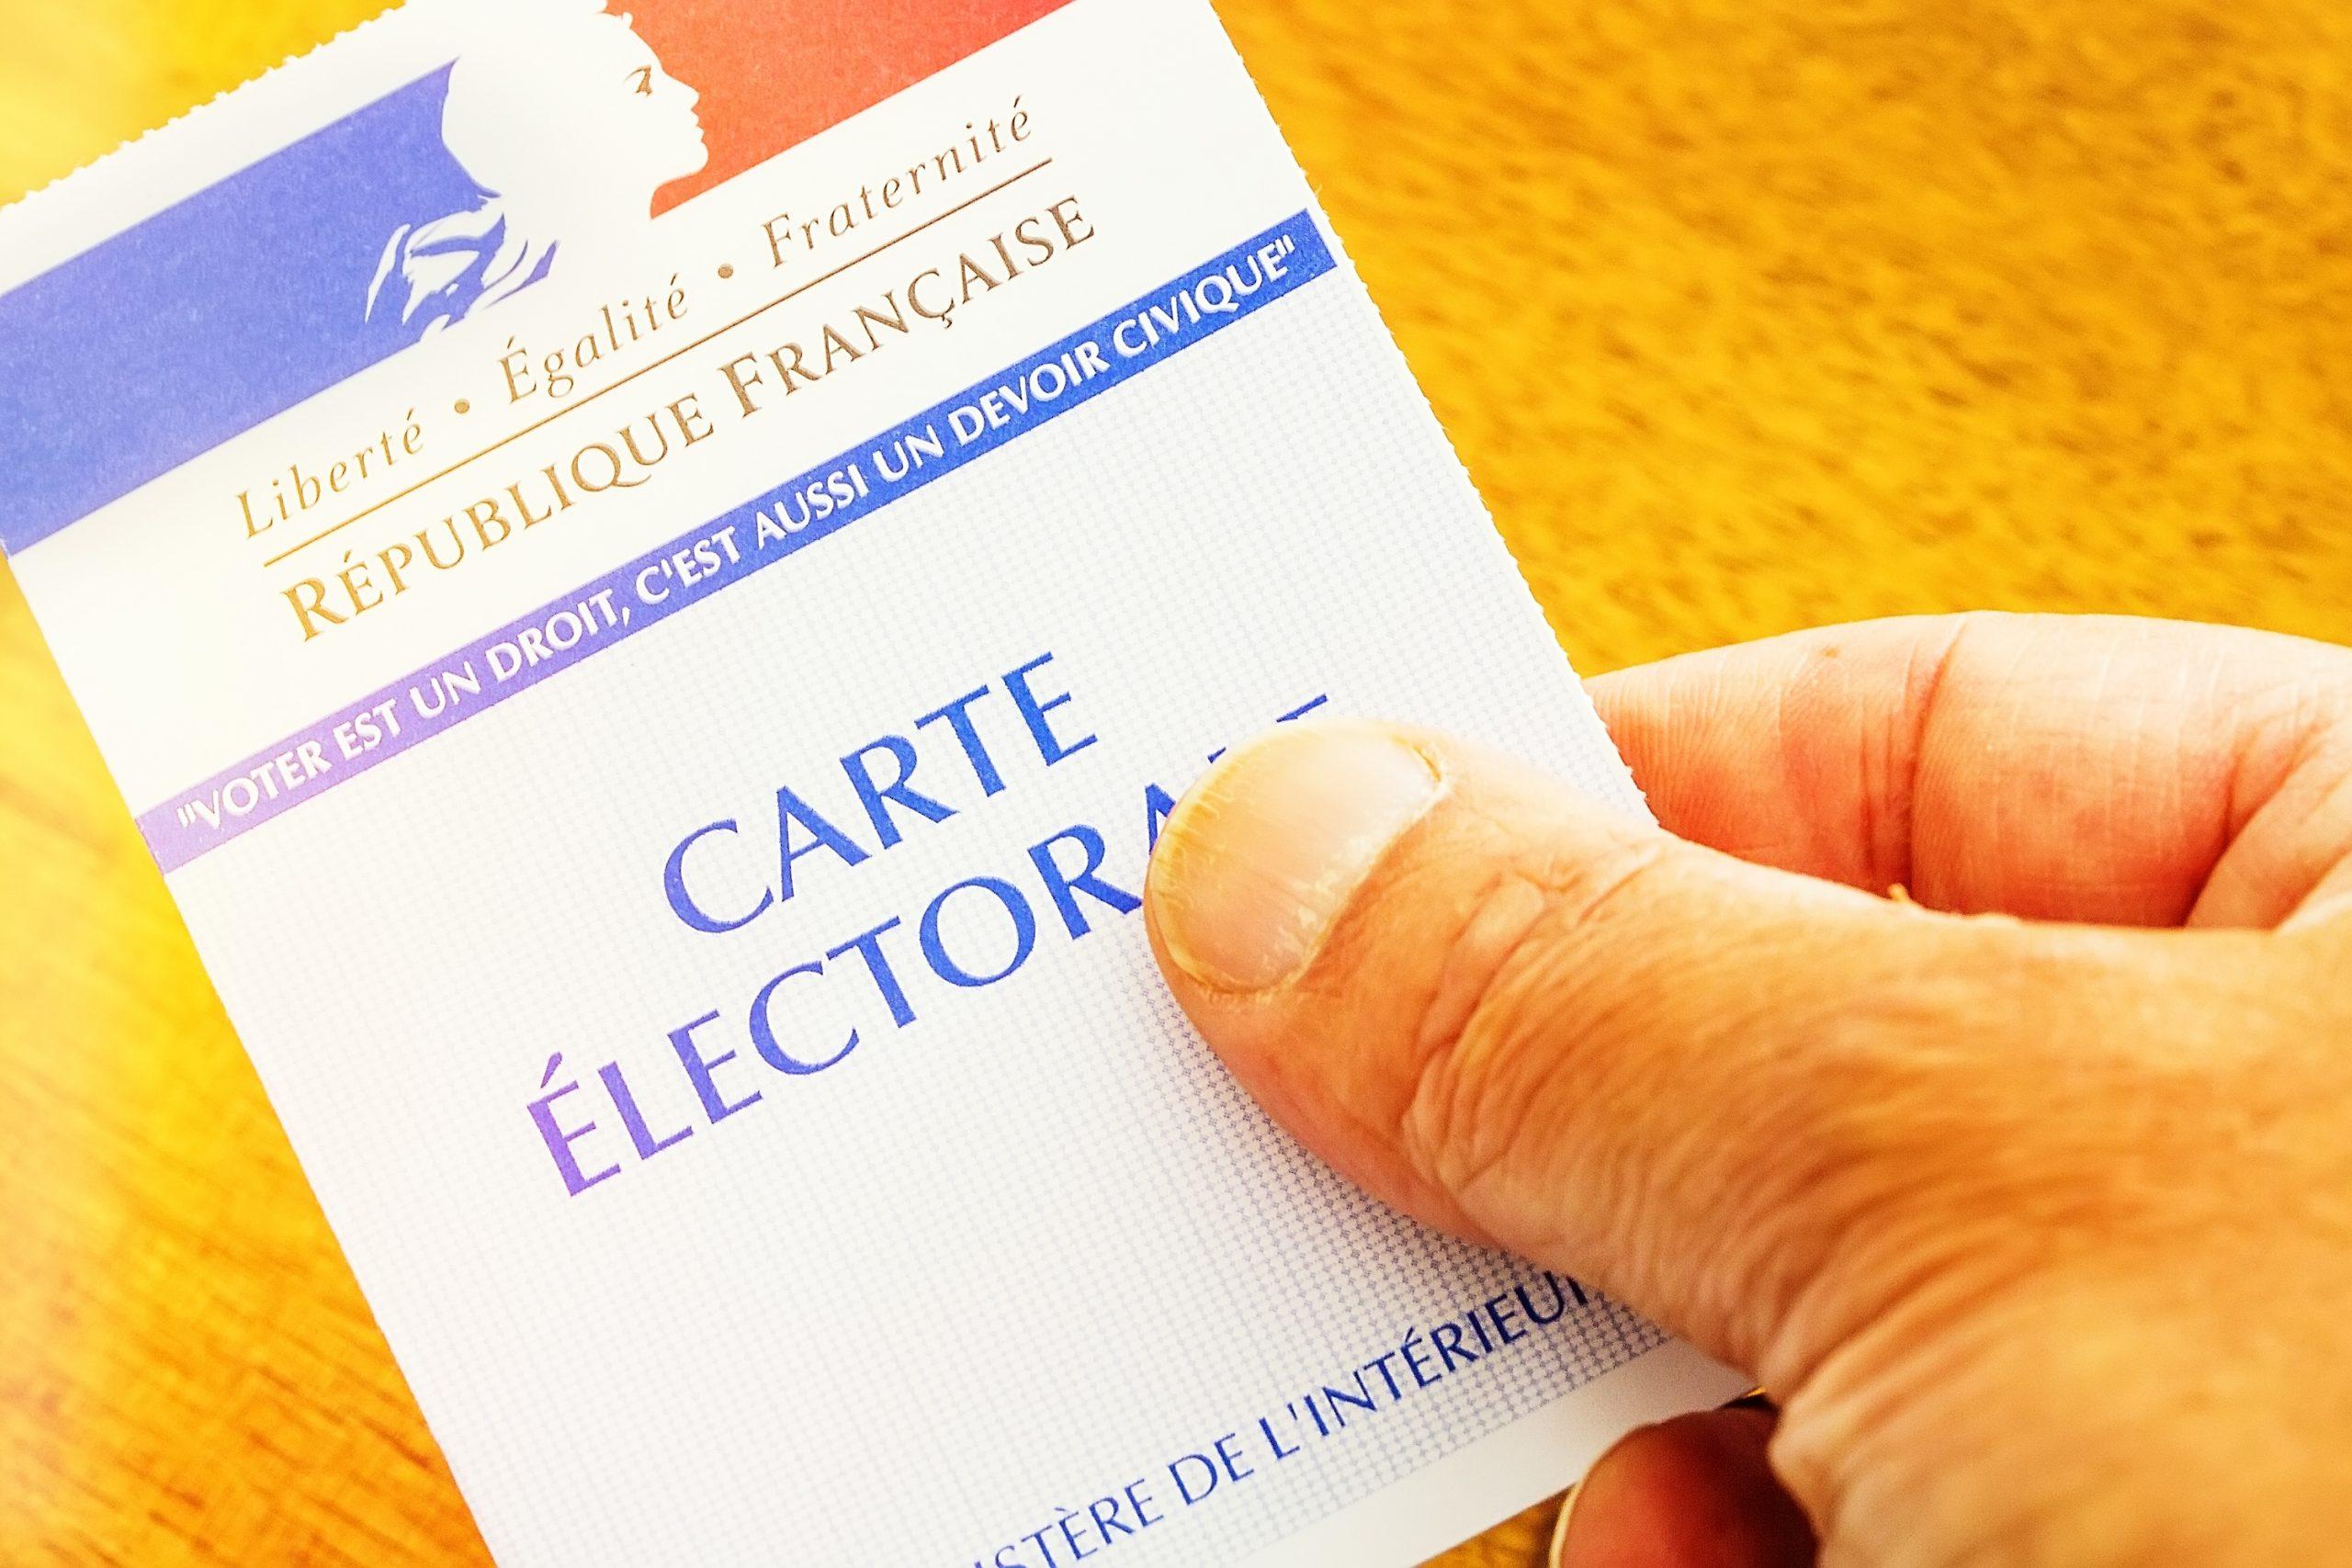 20 février : réunion de la commission de contrôle de la liste électorale